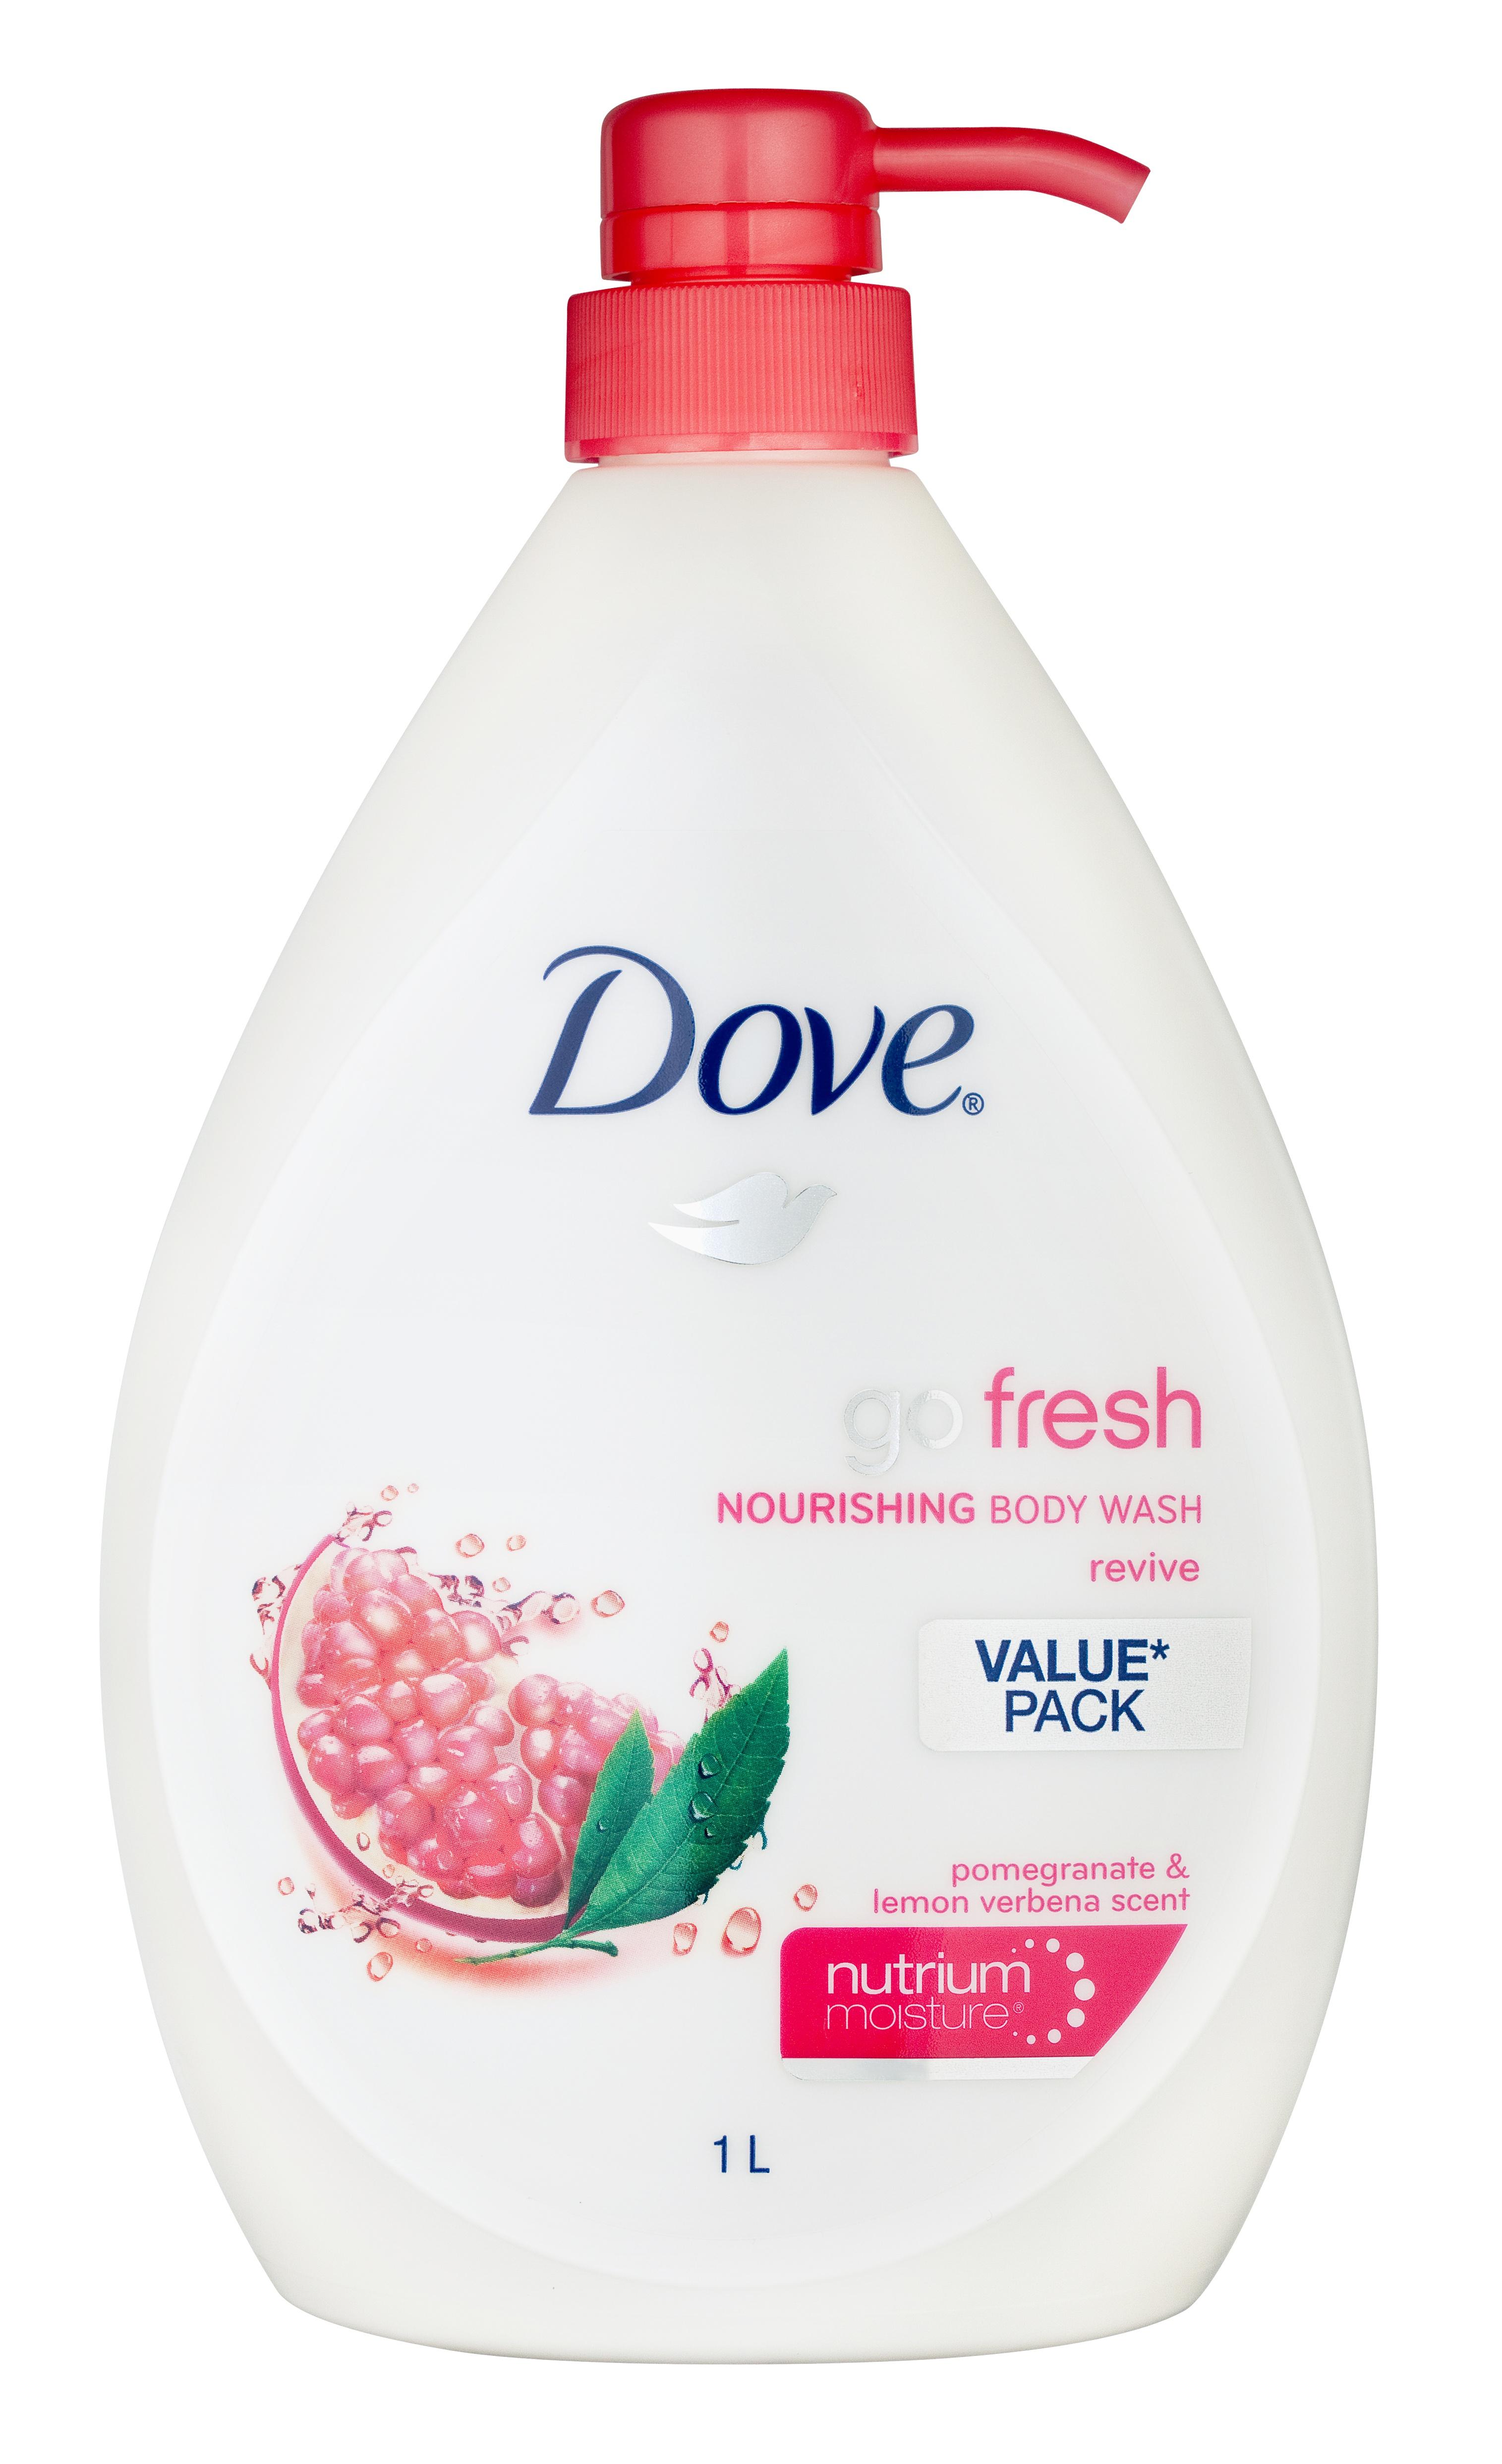 Dove Go Fresh Body Wash Revive Pomegranate & Lemon Verbena